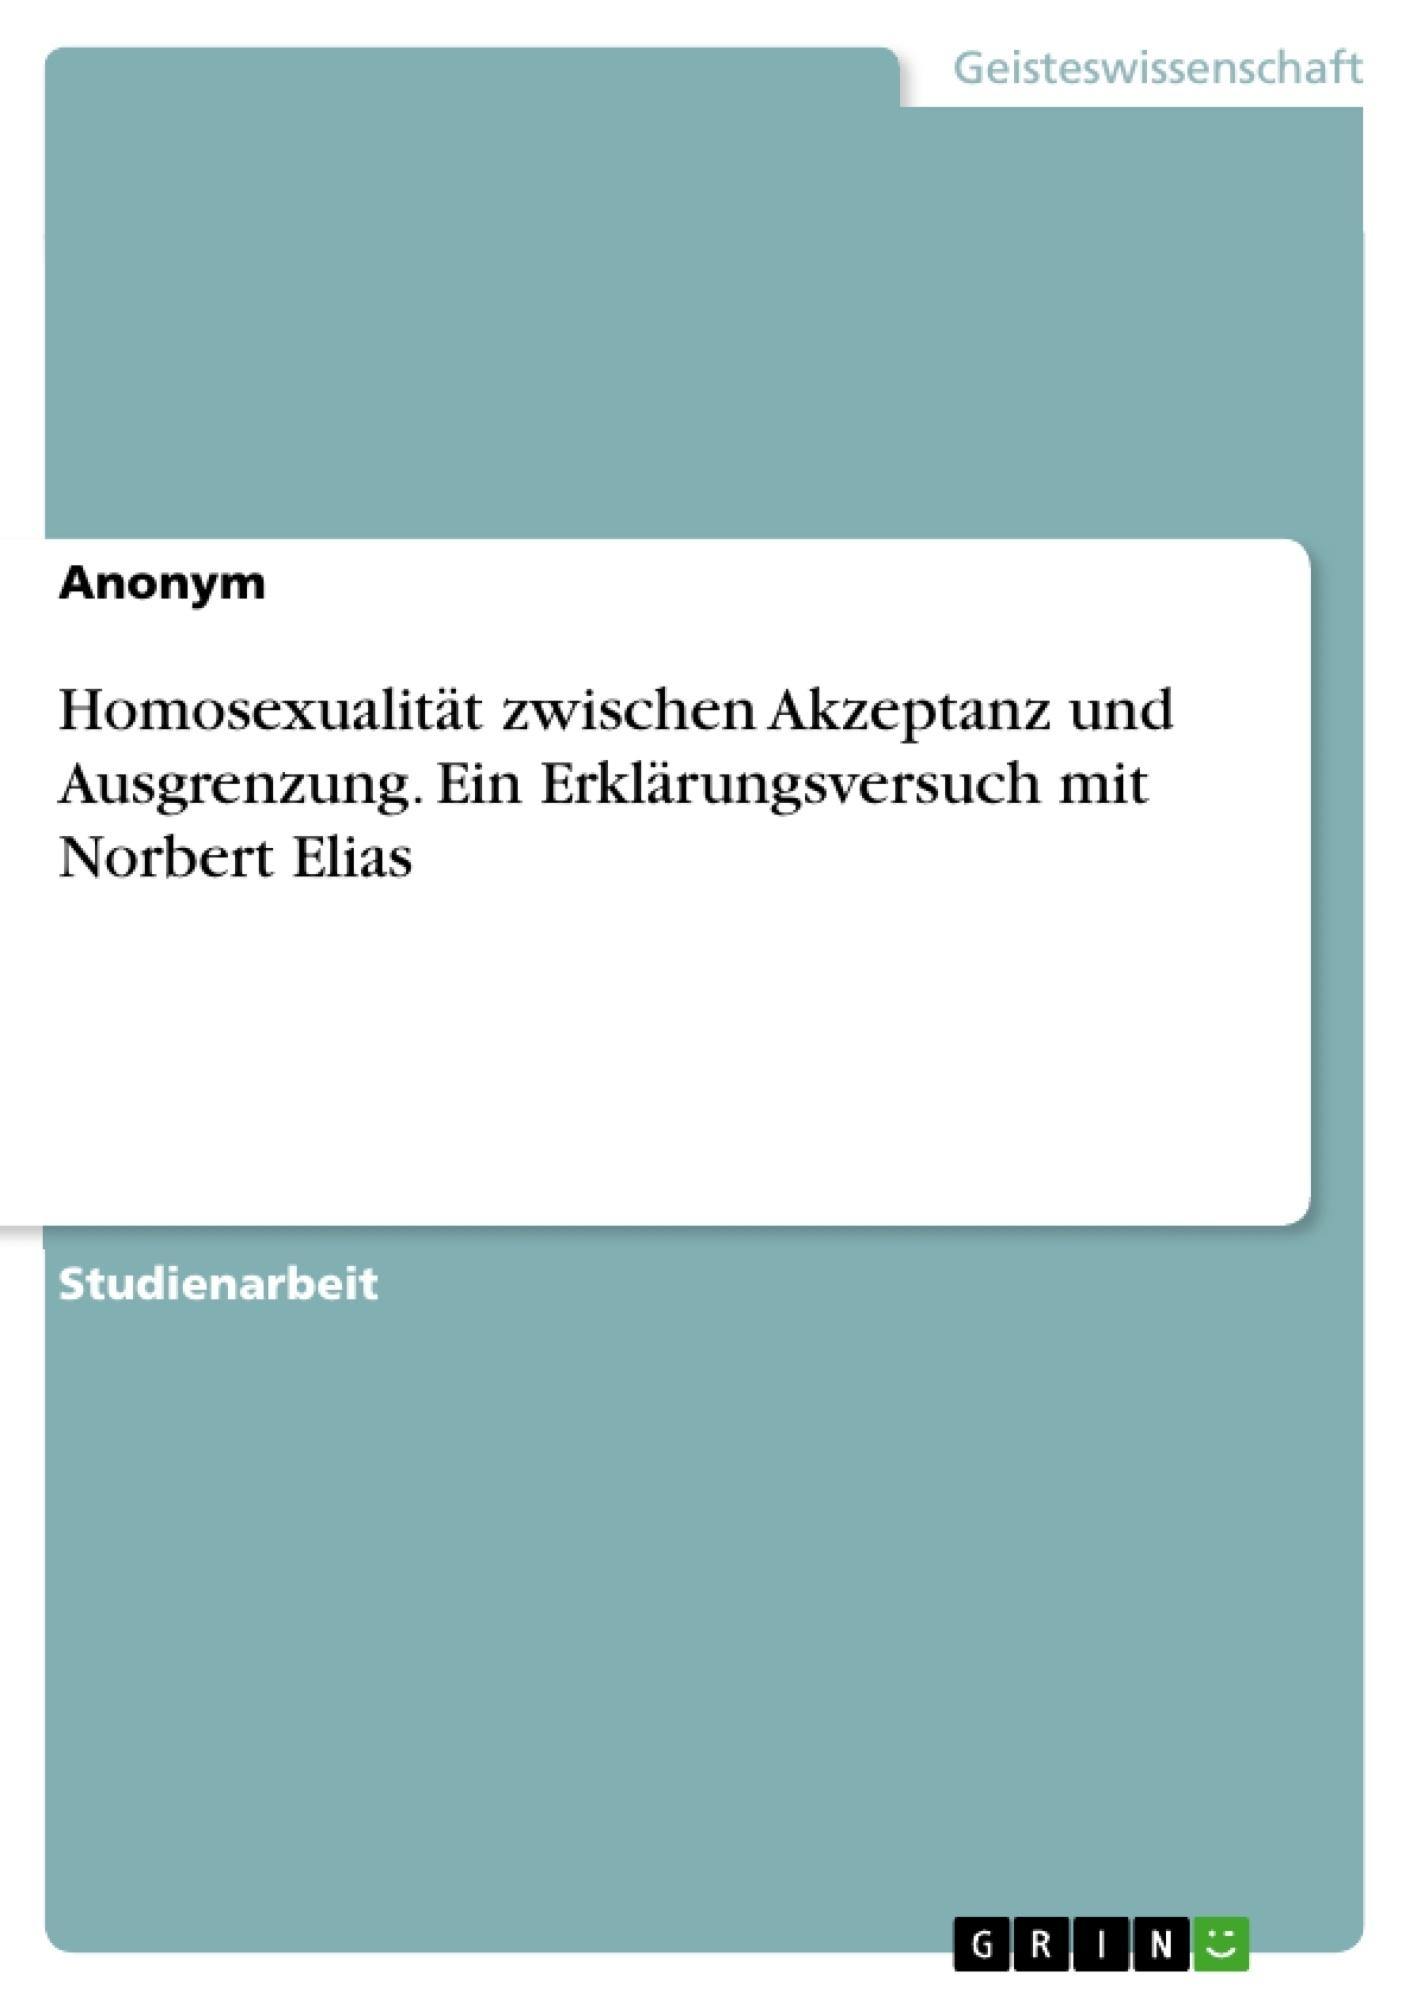 Titel: Homosexualität zwischen Akzeptanz und Ausgrenzung. Ein Erklärungsversuch mit Norbert Elias